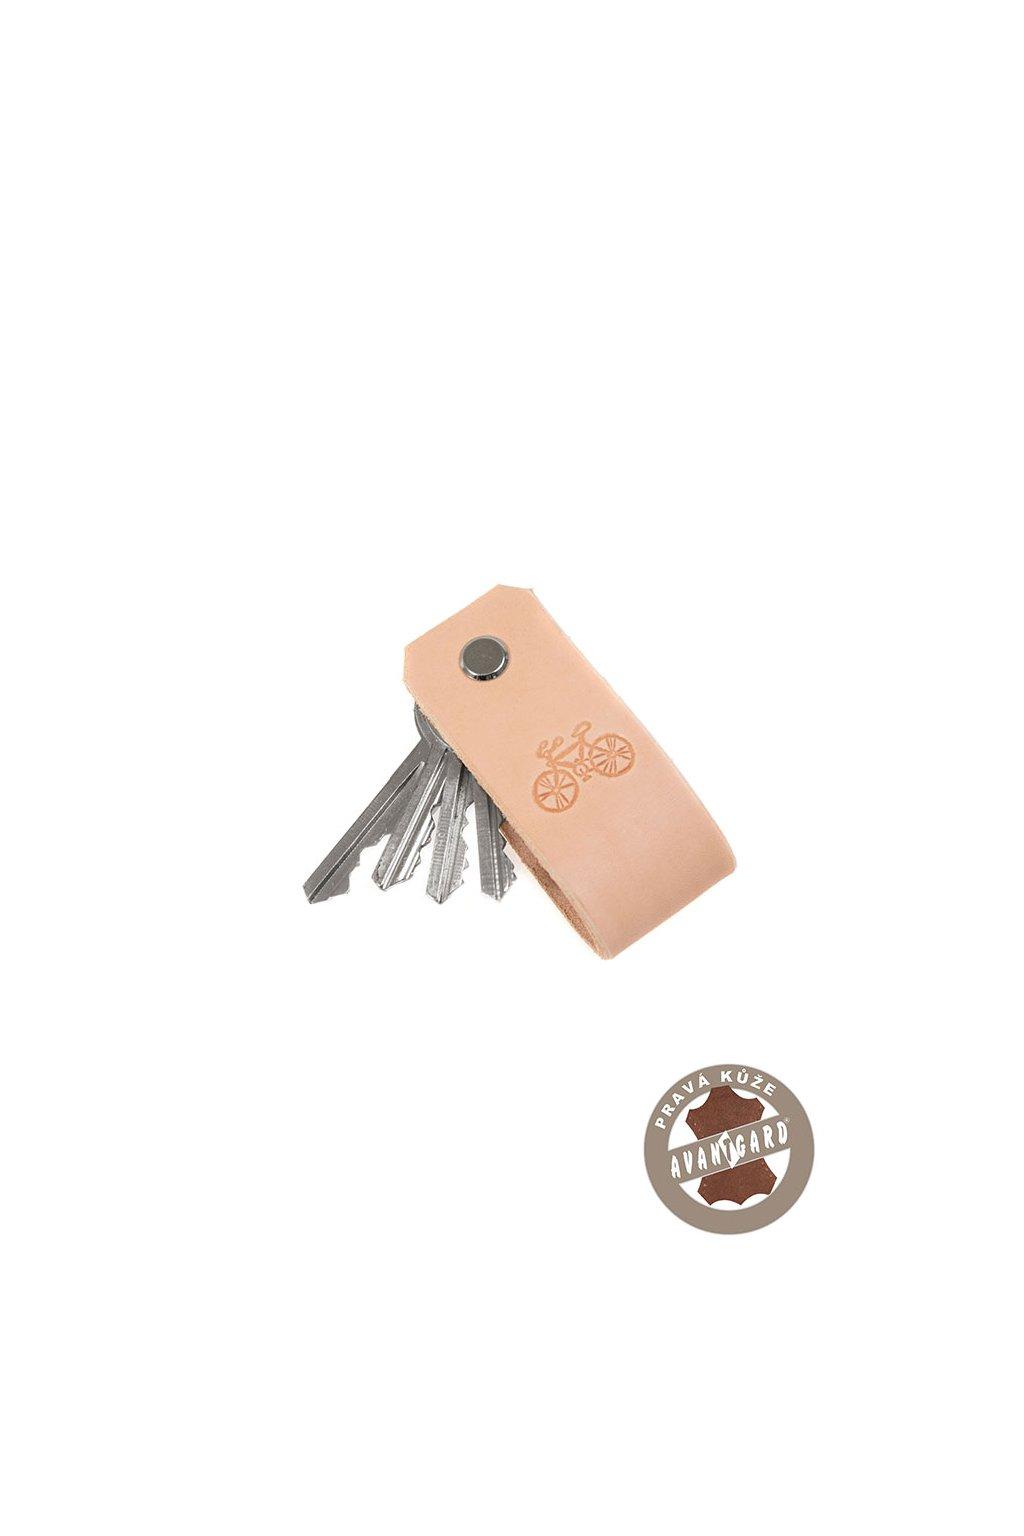 Klíčenka z pravé kůže s ražbou kola, 805-1205, Béžová/kolo